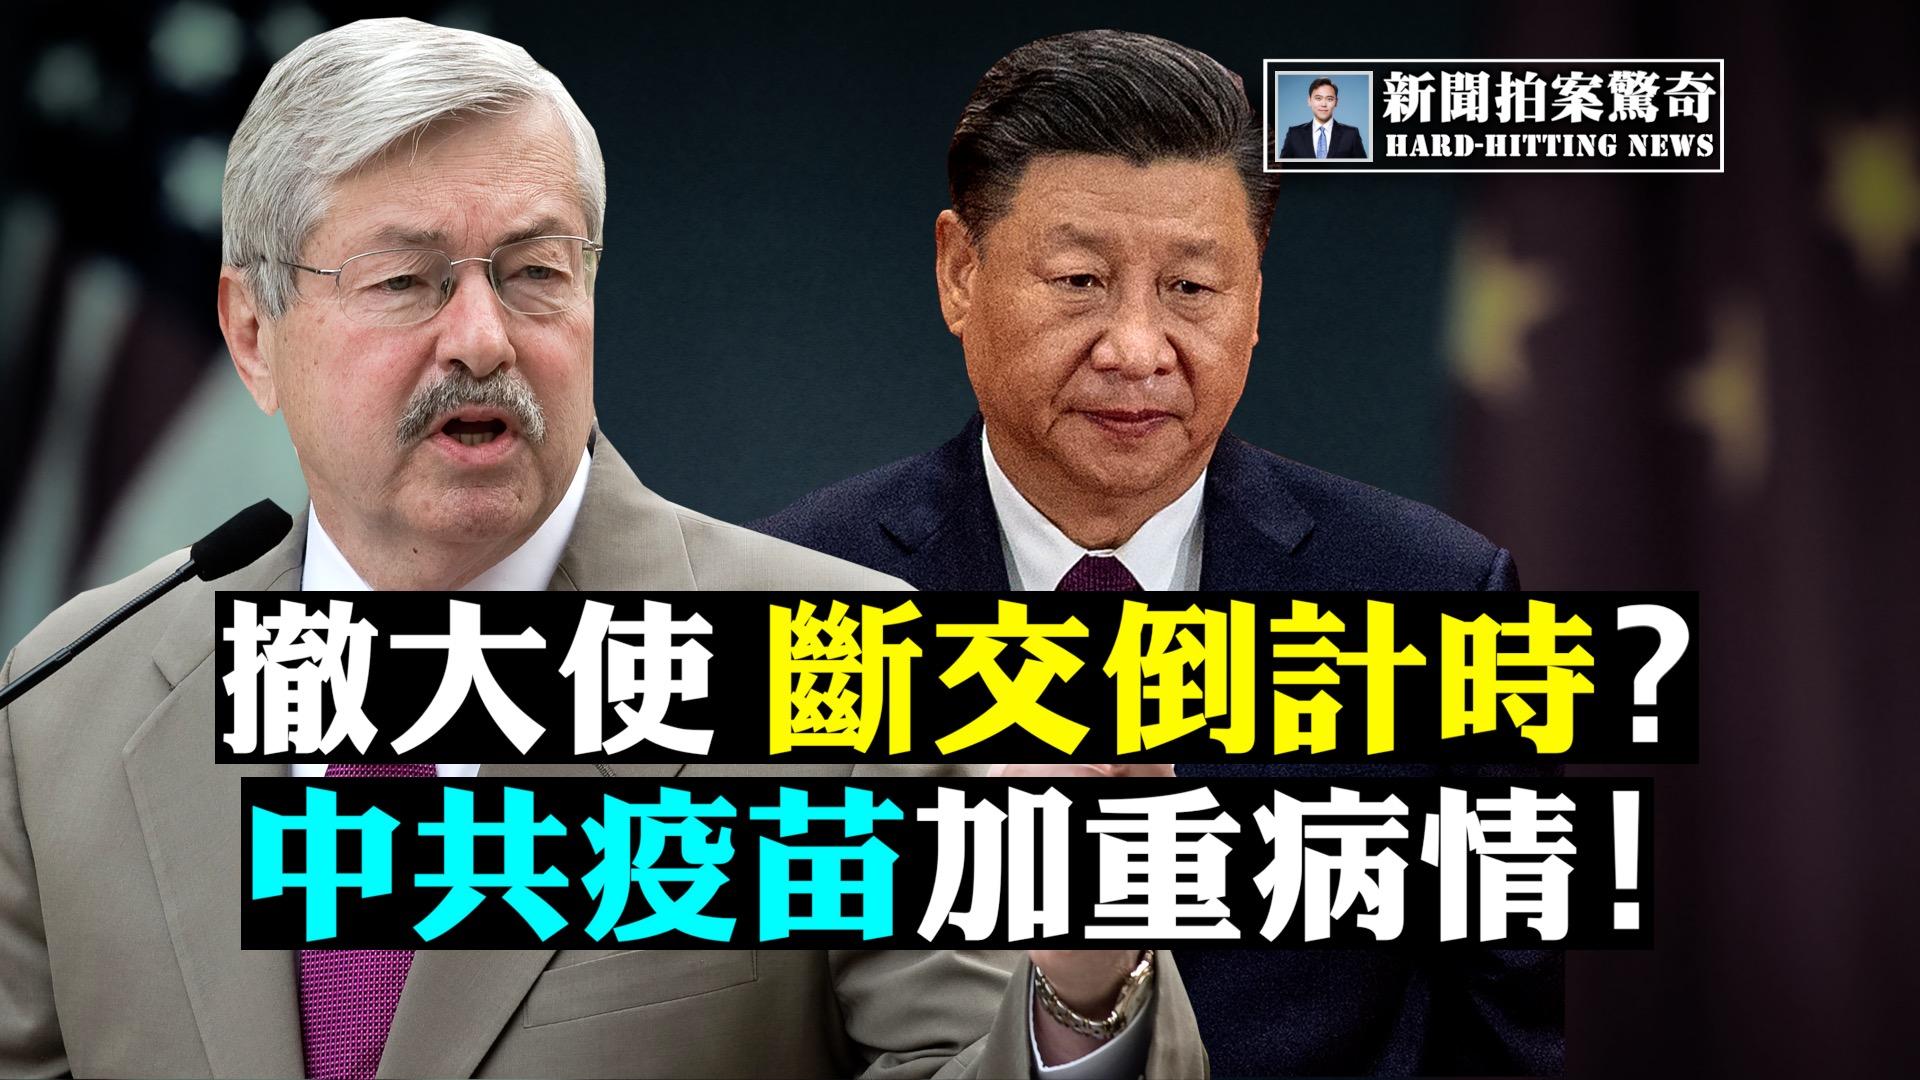 美簽取消!大批中國學生獲通知;紅色大V攬炒美國,核彈炸地球出軌道!(大紀元合成)